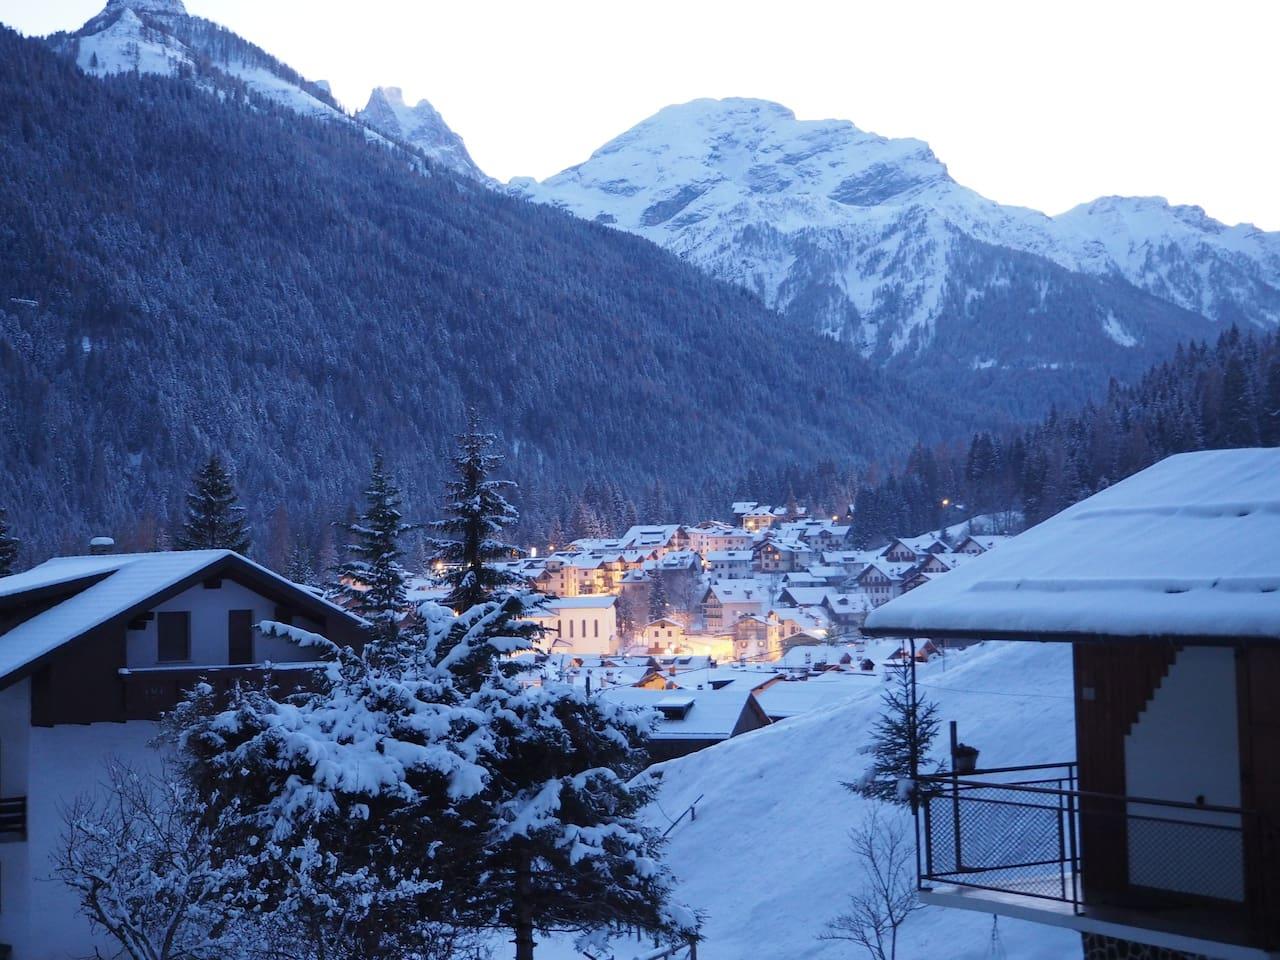 Vista dal terrazzo: Caviola con le prime luci della sera.